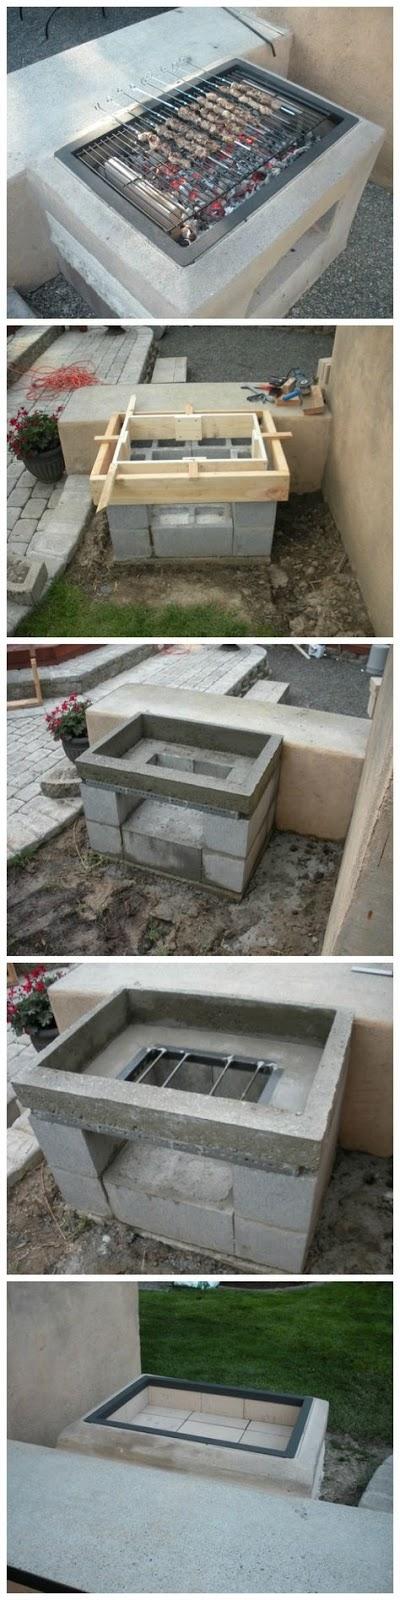 Cómo construir una barbacoa en casa